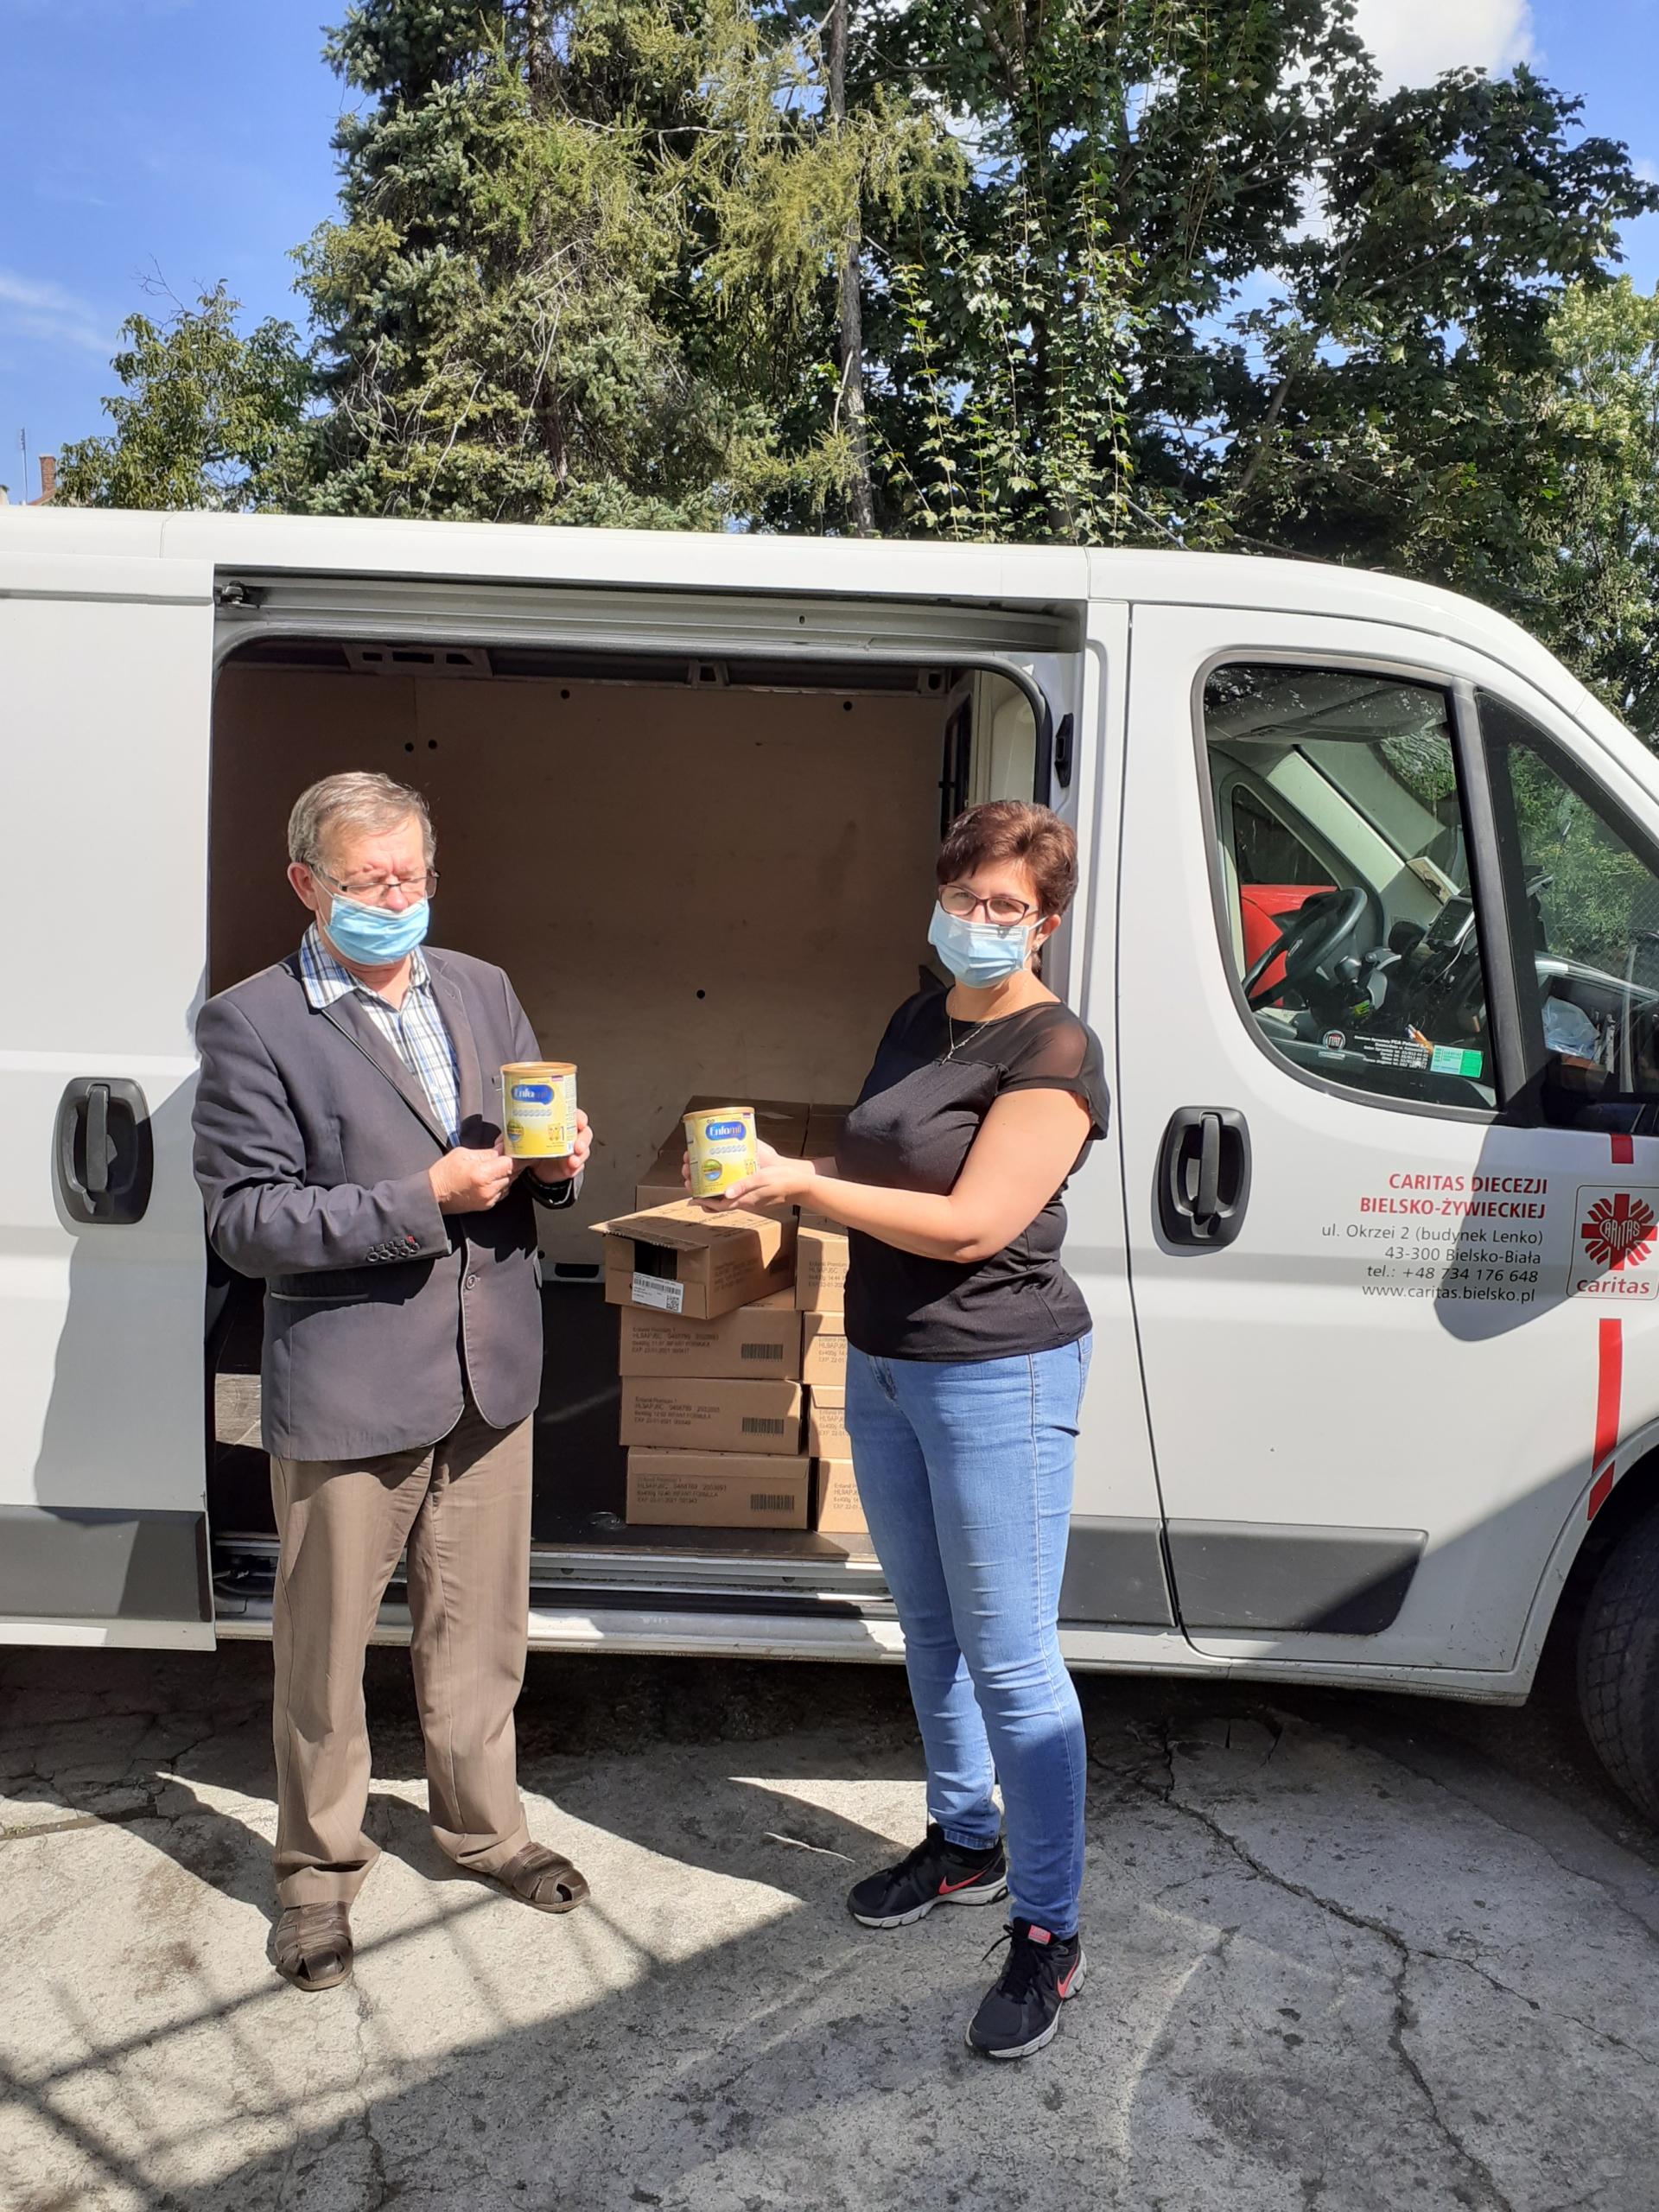 Wsparcie Caritas Diecezji Bielsko-Żywieckiej dla podopiecznych Koła Towarzystwa Pomocy im. św. Brata Alberta